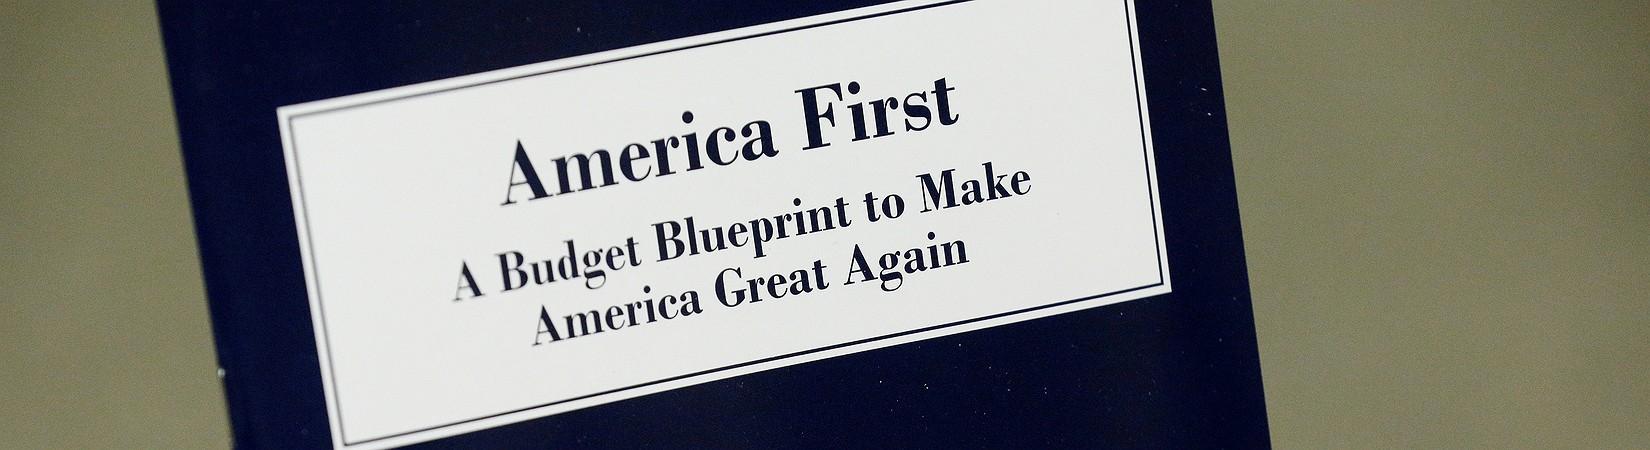 Trump outlines priorities in budget blueprint